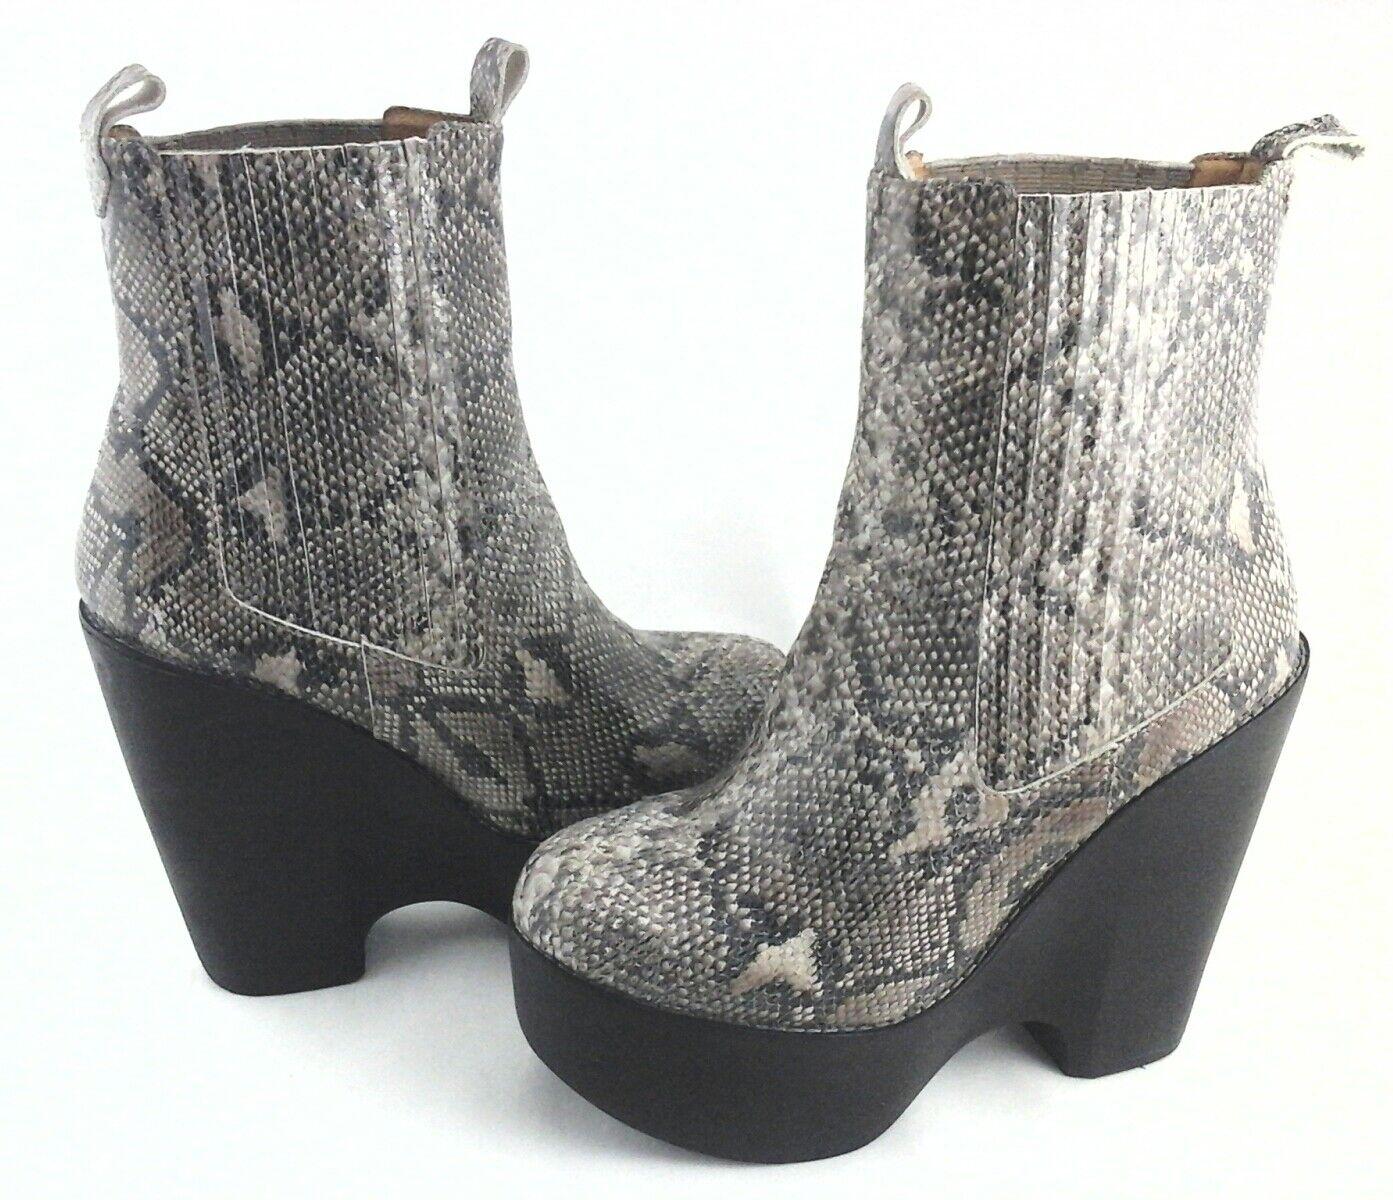 JEFFREY CAMPBELL Ankle Stivali Platform Python Snake STEVIE Donna US 9 EU 39  249